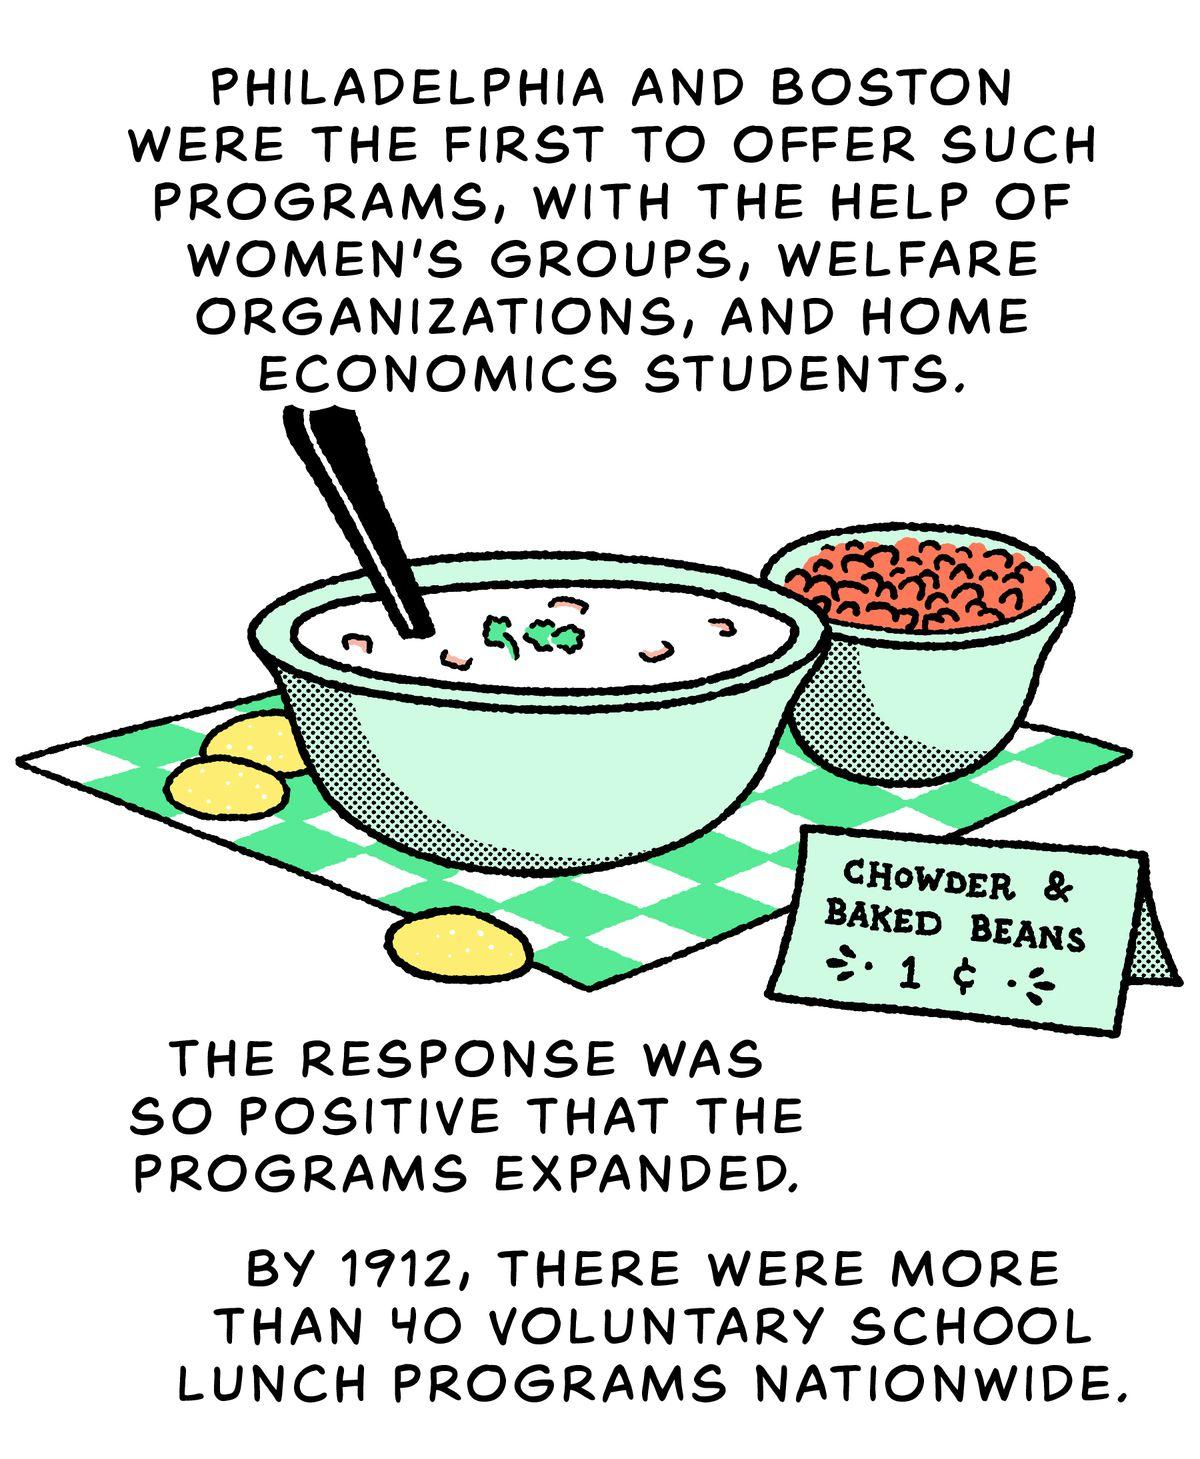 Un bol de chaudrée et de fèves au lard : Philadelphie et Boston ont été les premiers à offrir de tels programmes, avec l'aide de groupes de femmes, d'organisations sociales et d'étudiants en économie domestique.  La réponse a été si positive que les programmes se sont élargis.  En 1912, il y avait plus de 40 programmes de repas scolaires volontaires dans tout le pays.